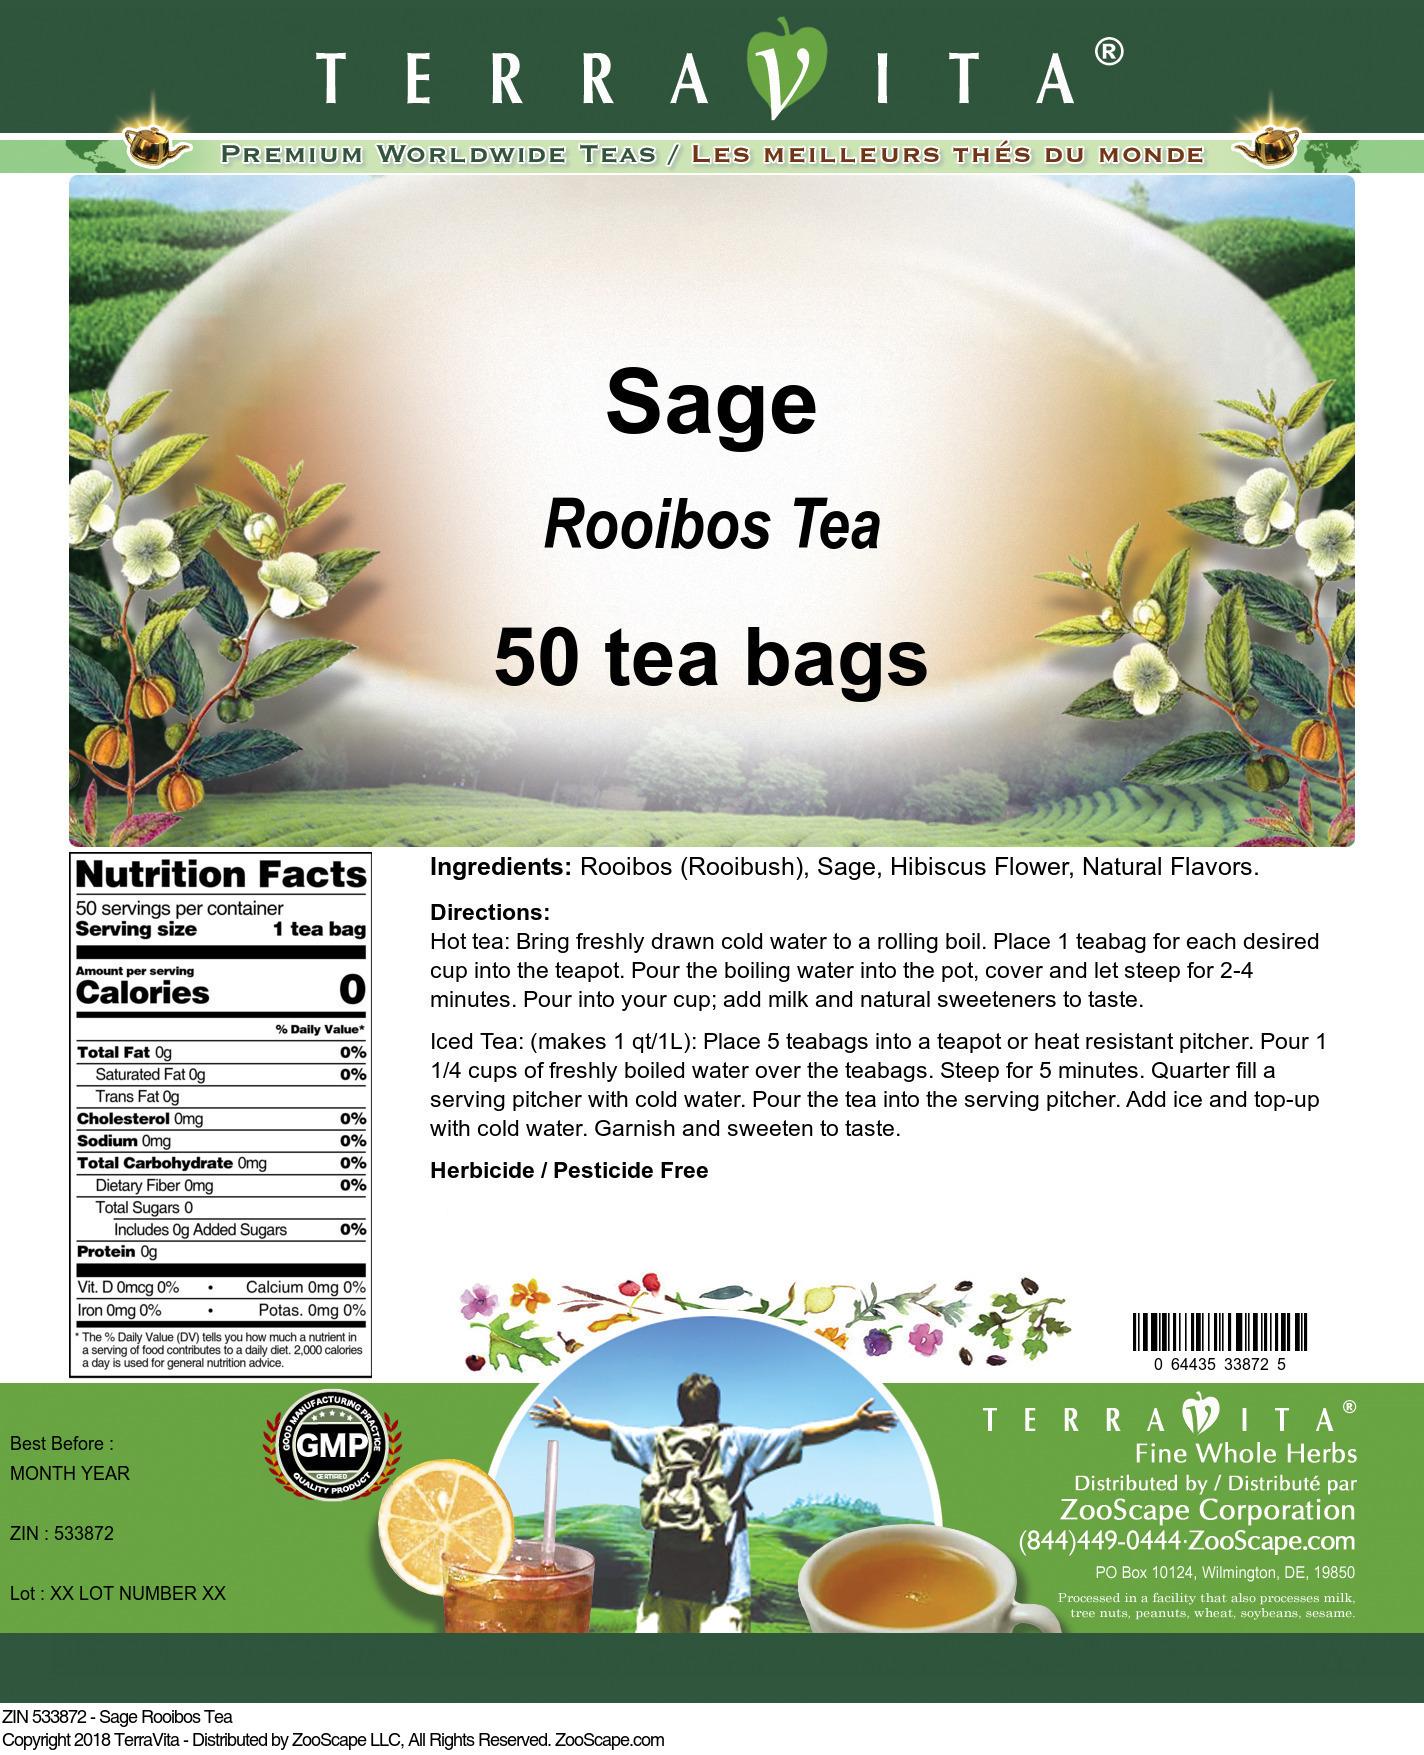 Sage Rooibos Tea